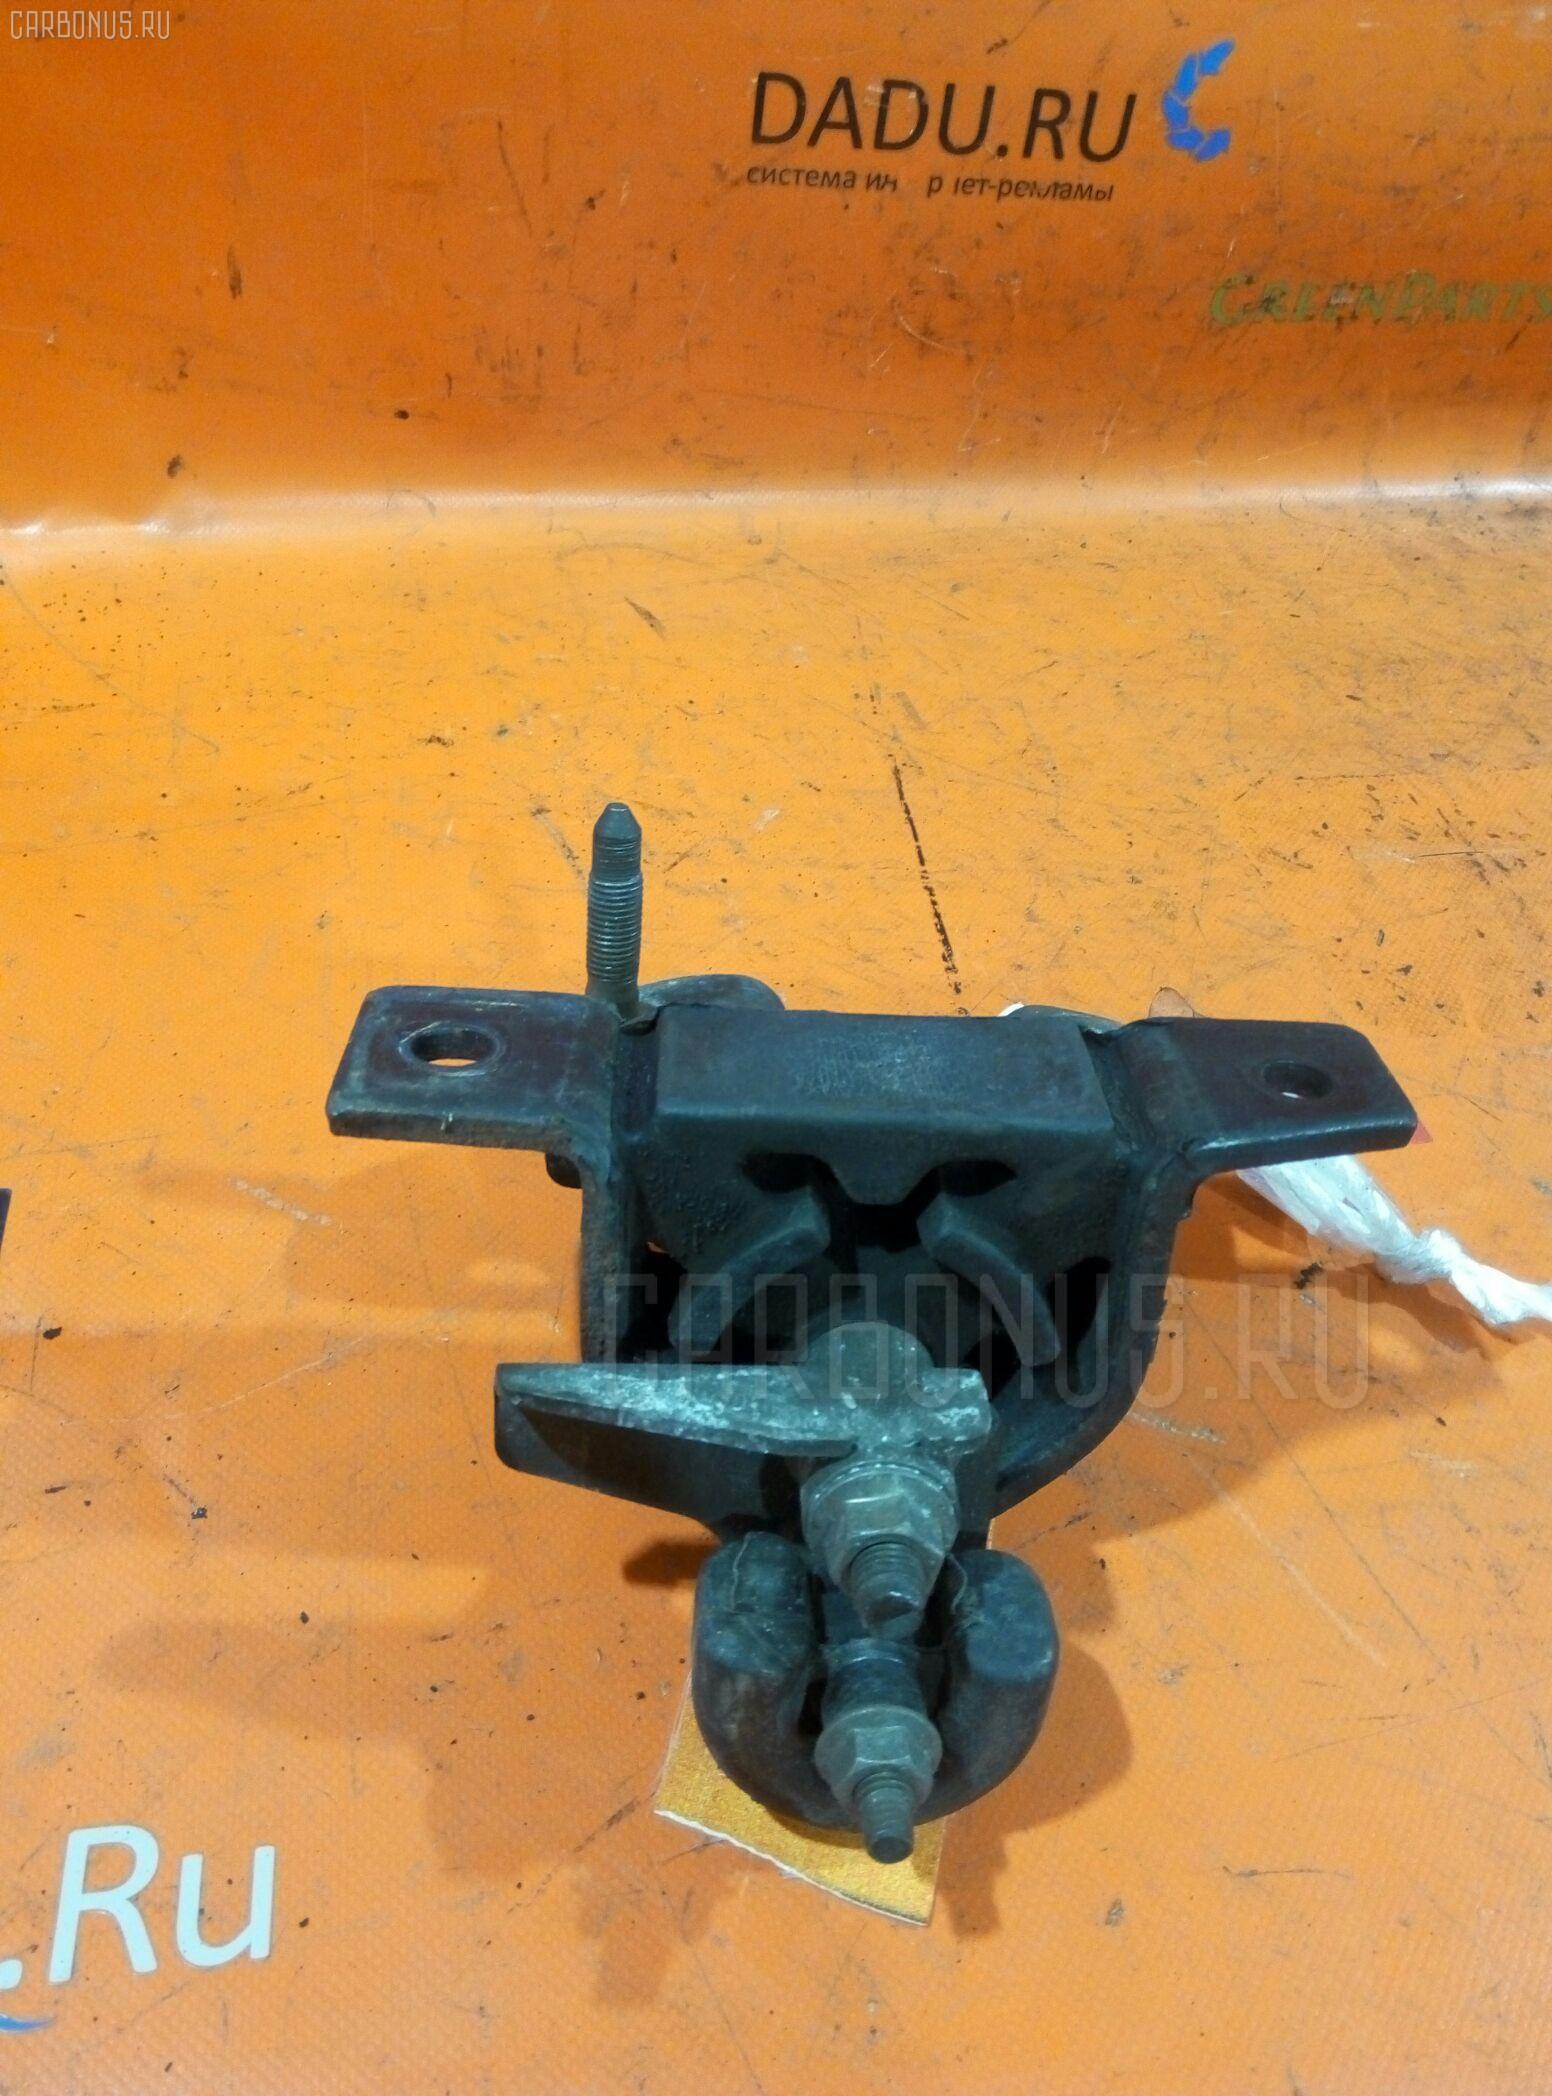 Продажа двигатель на nissan qg15 de black в красноярске